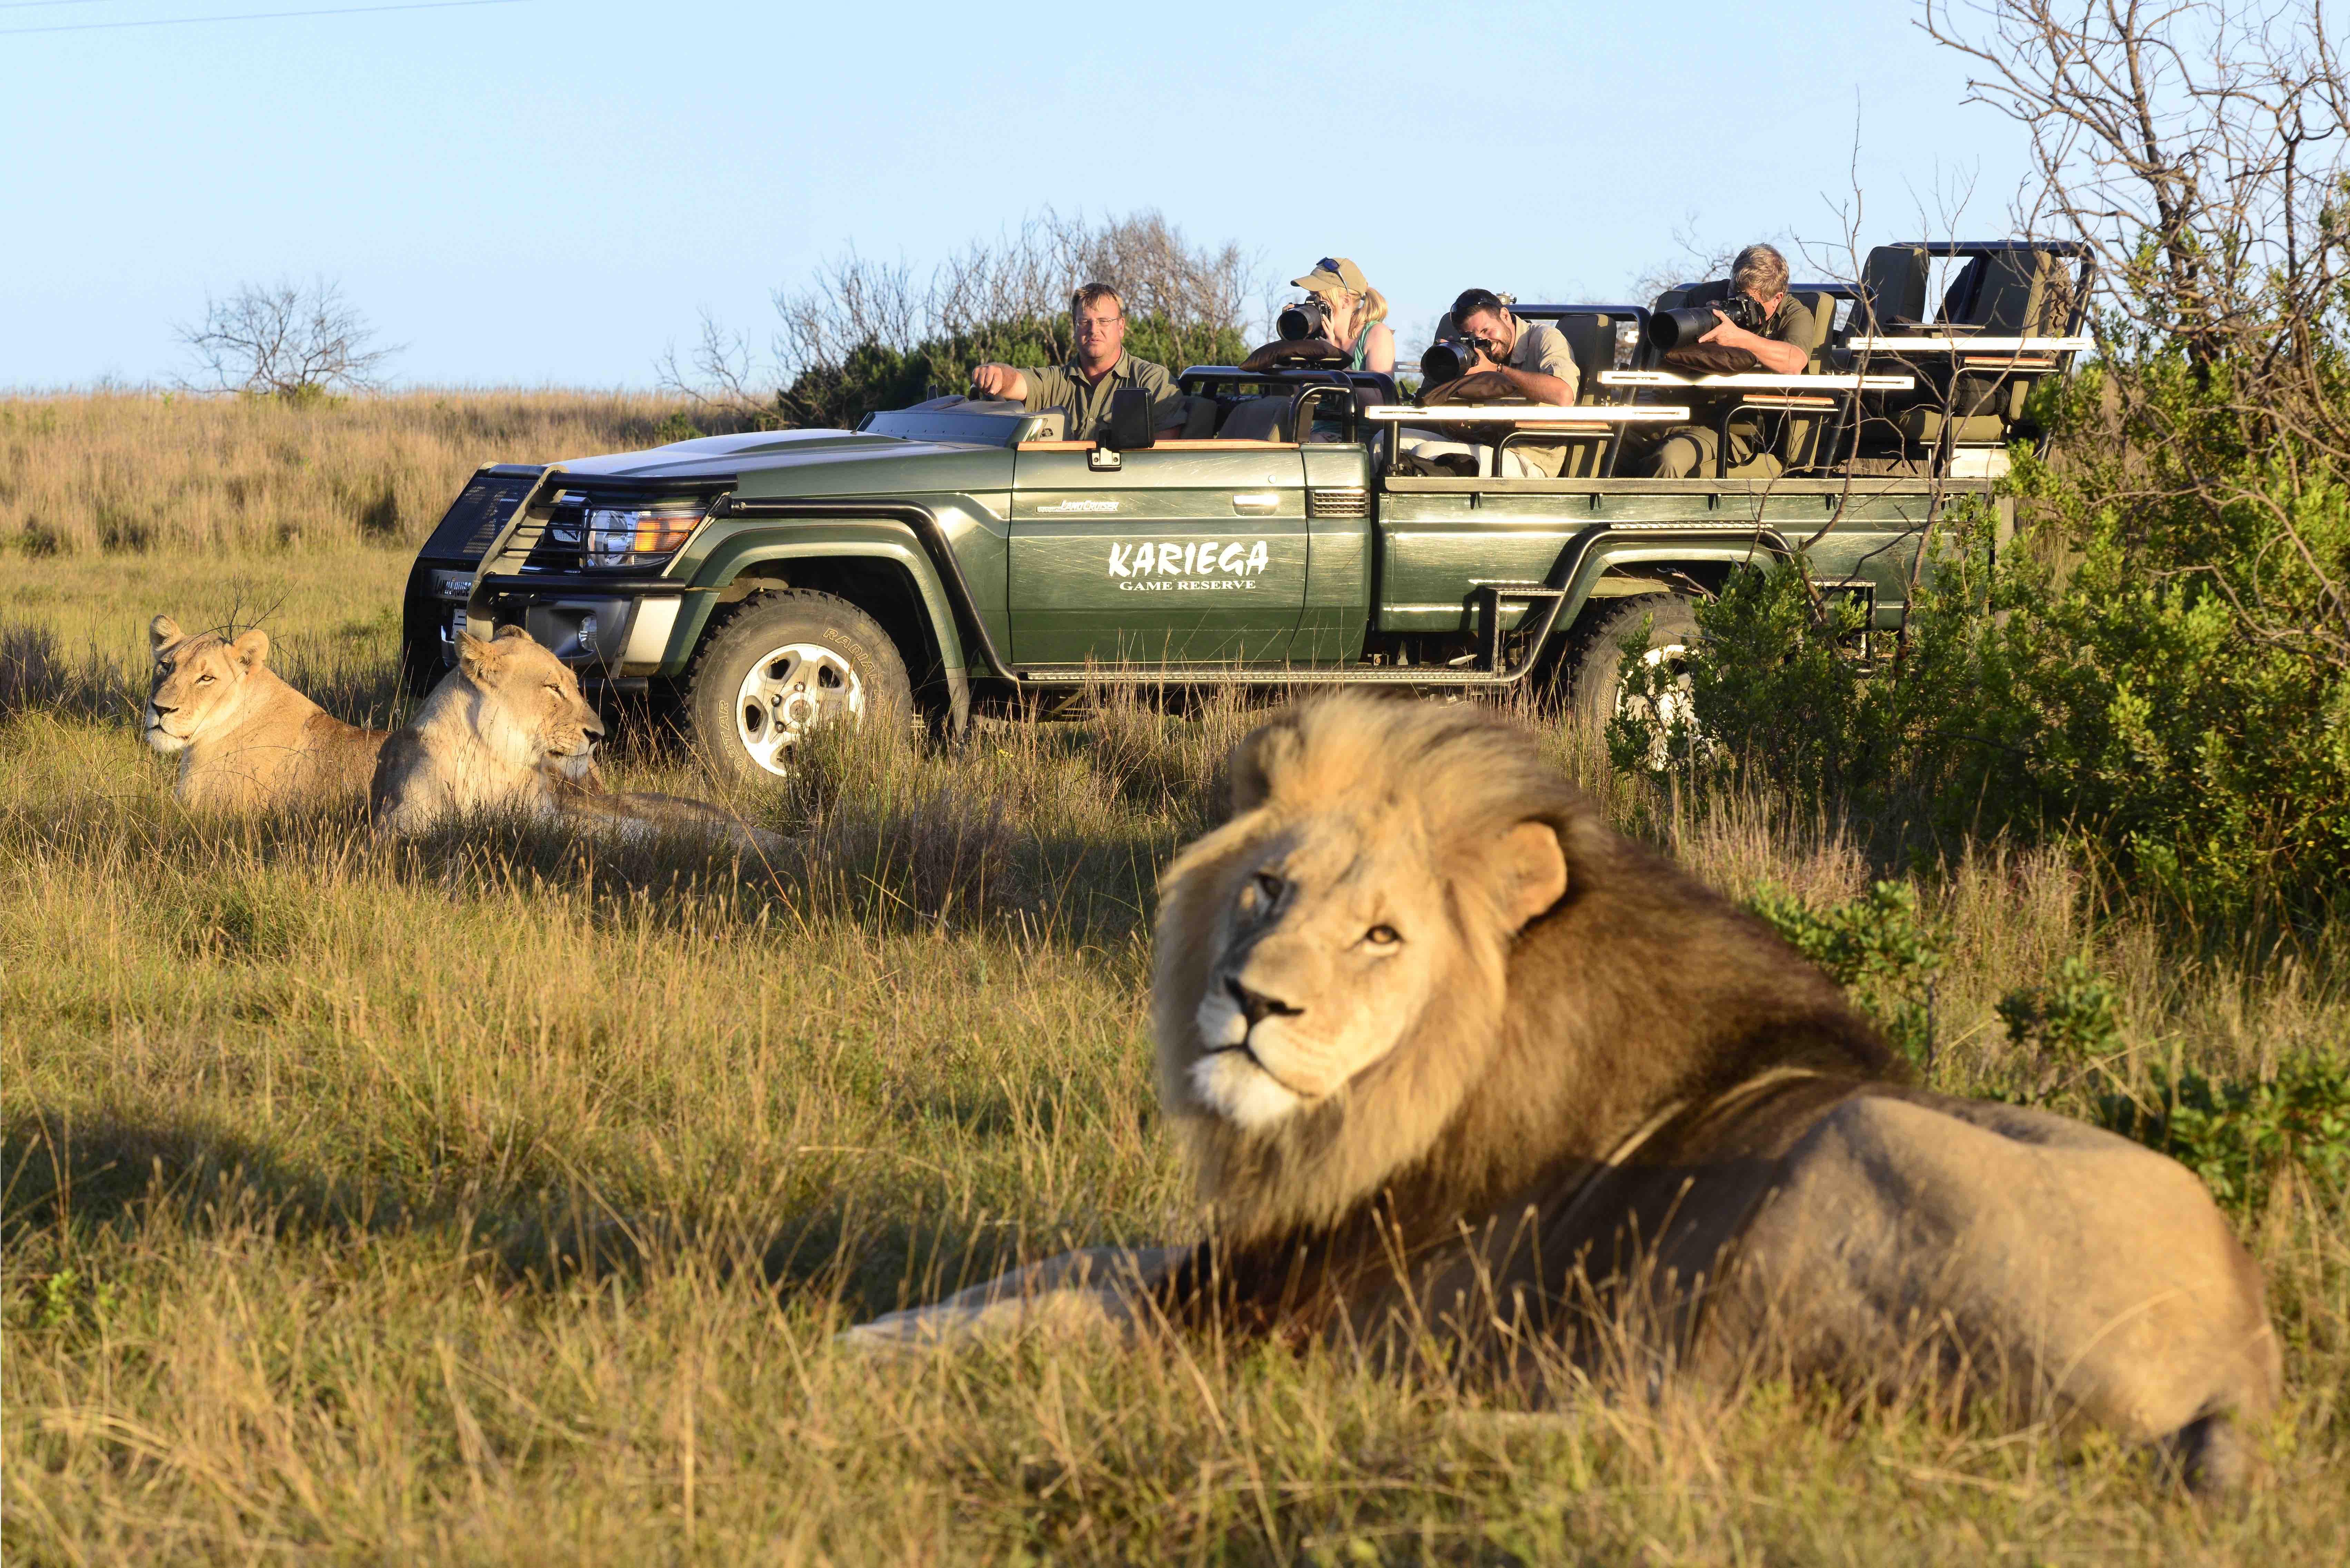 kariega-lion